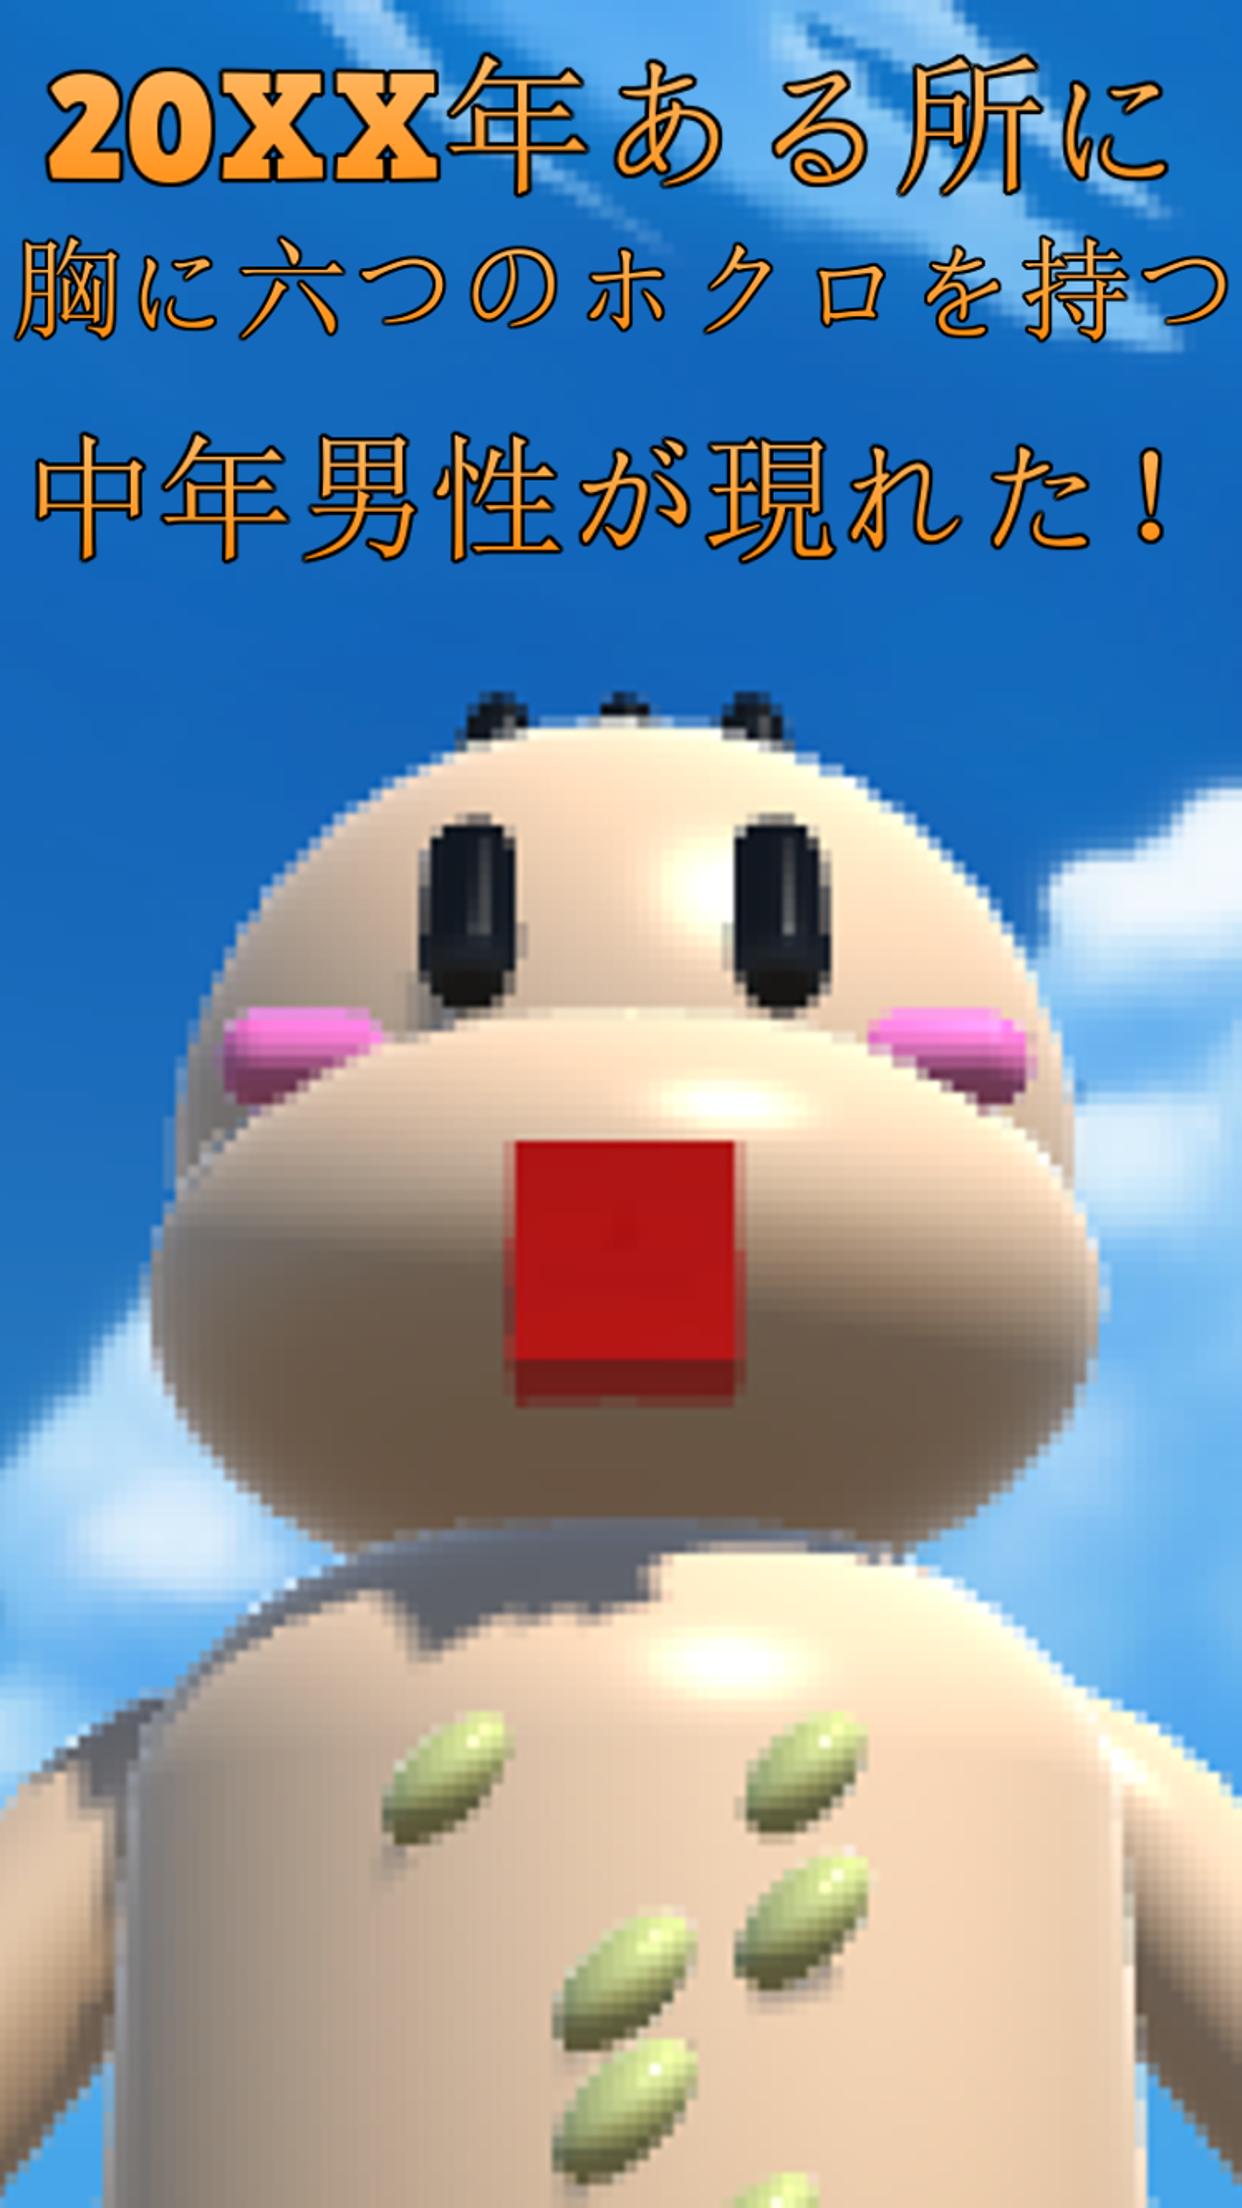 Screen_1_1242_2208_jp.png